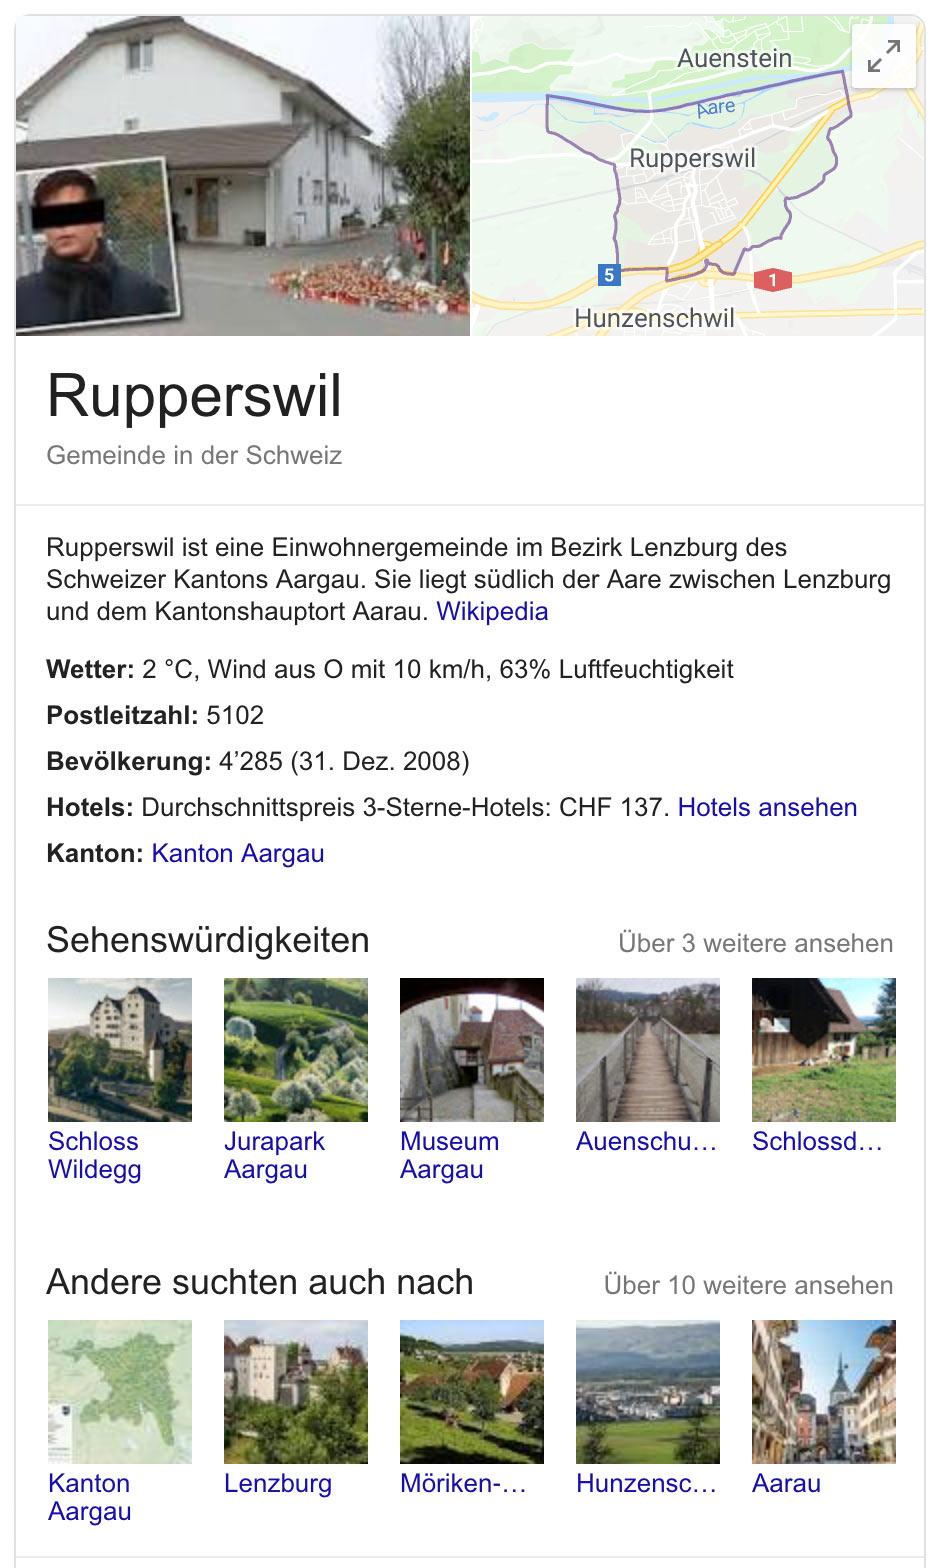 google snippet werbung rupperswil 3 - Google macht Werbung für Rupperswil AG mit einem Vierfachmörder